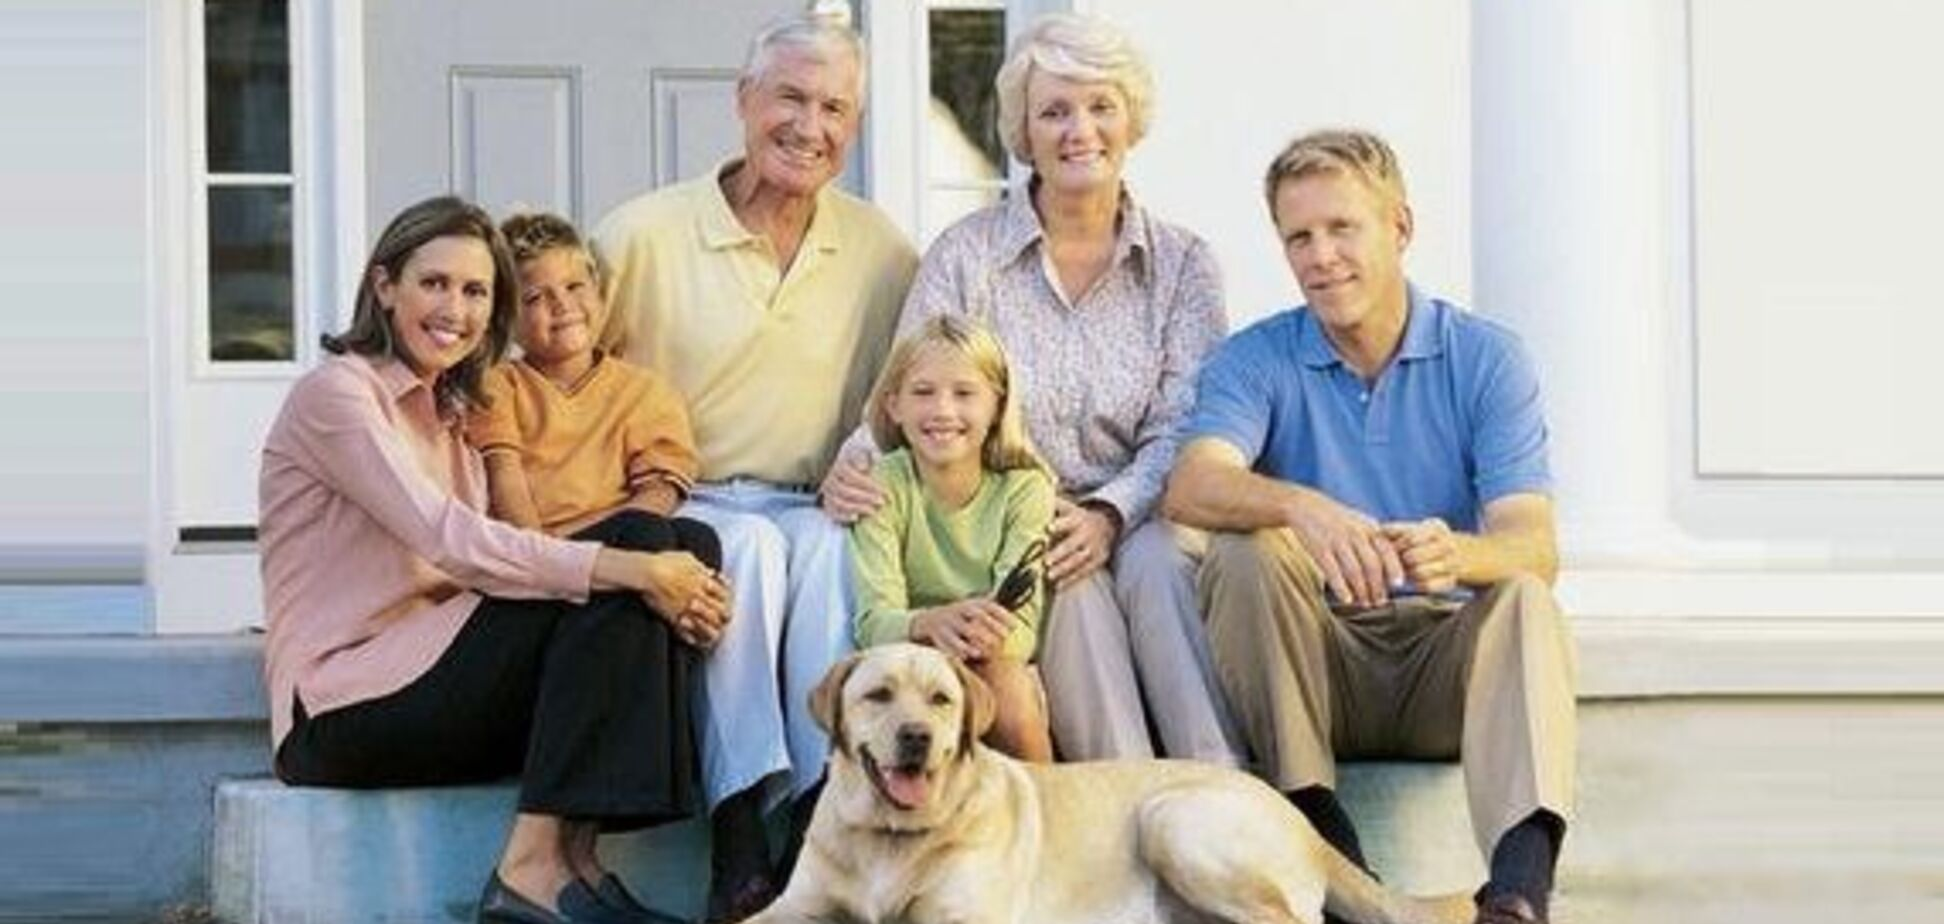 Жизнь с родственниками: чем дальше, тем роднее будете